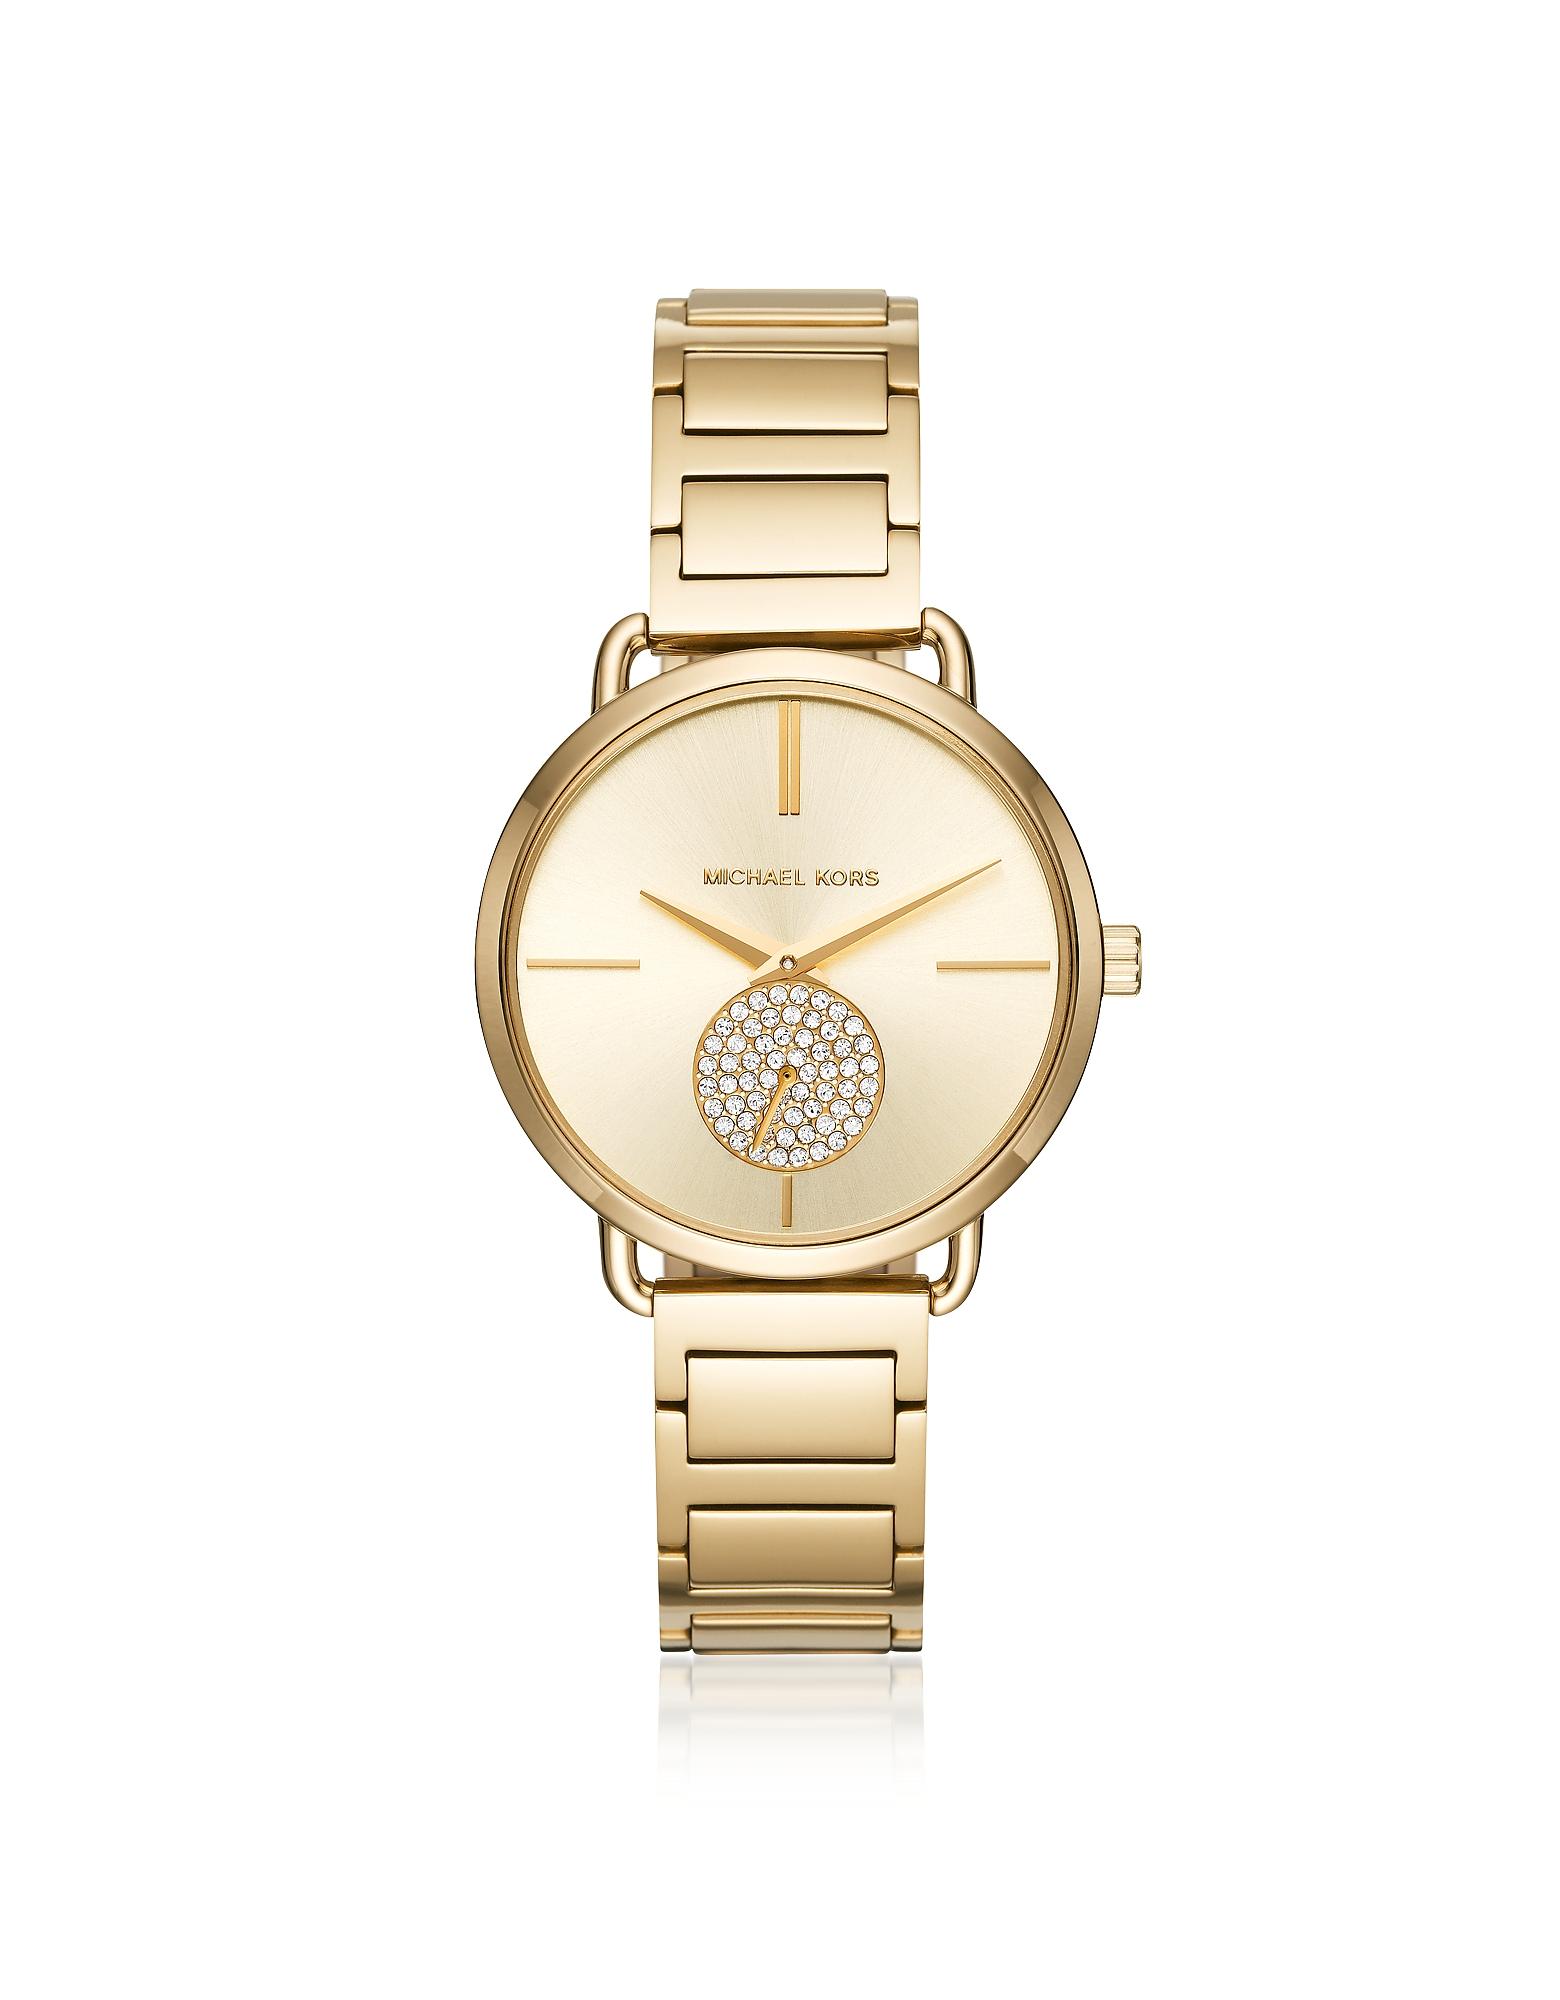 Michael Kors Women's Watches, Portia Gold Tone Women's Watch